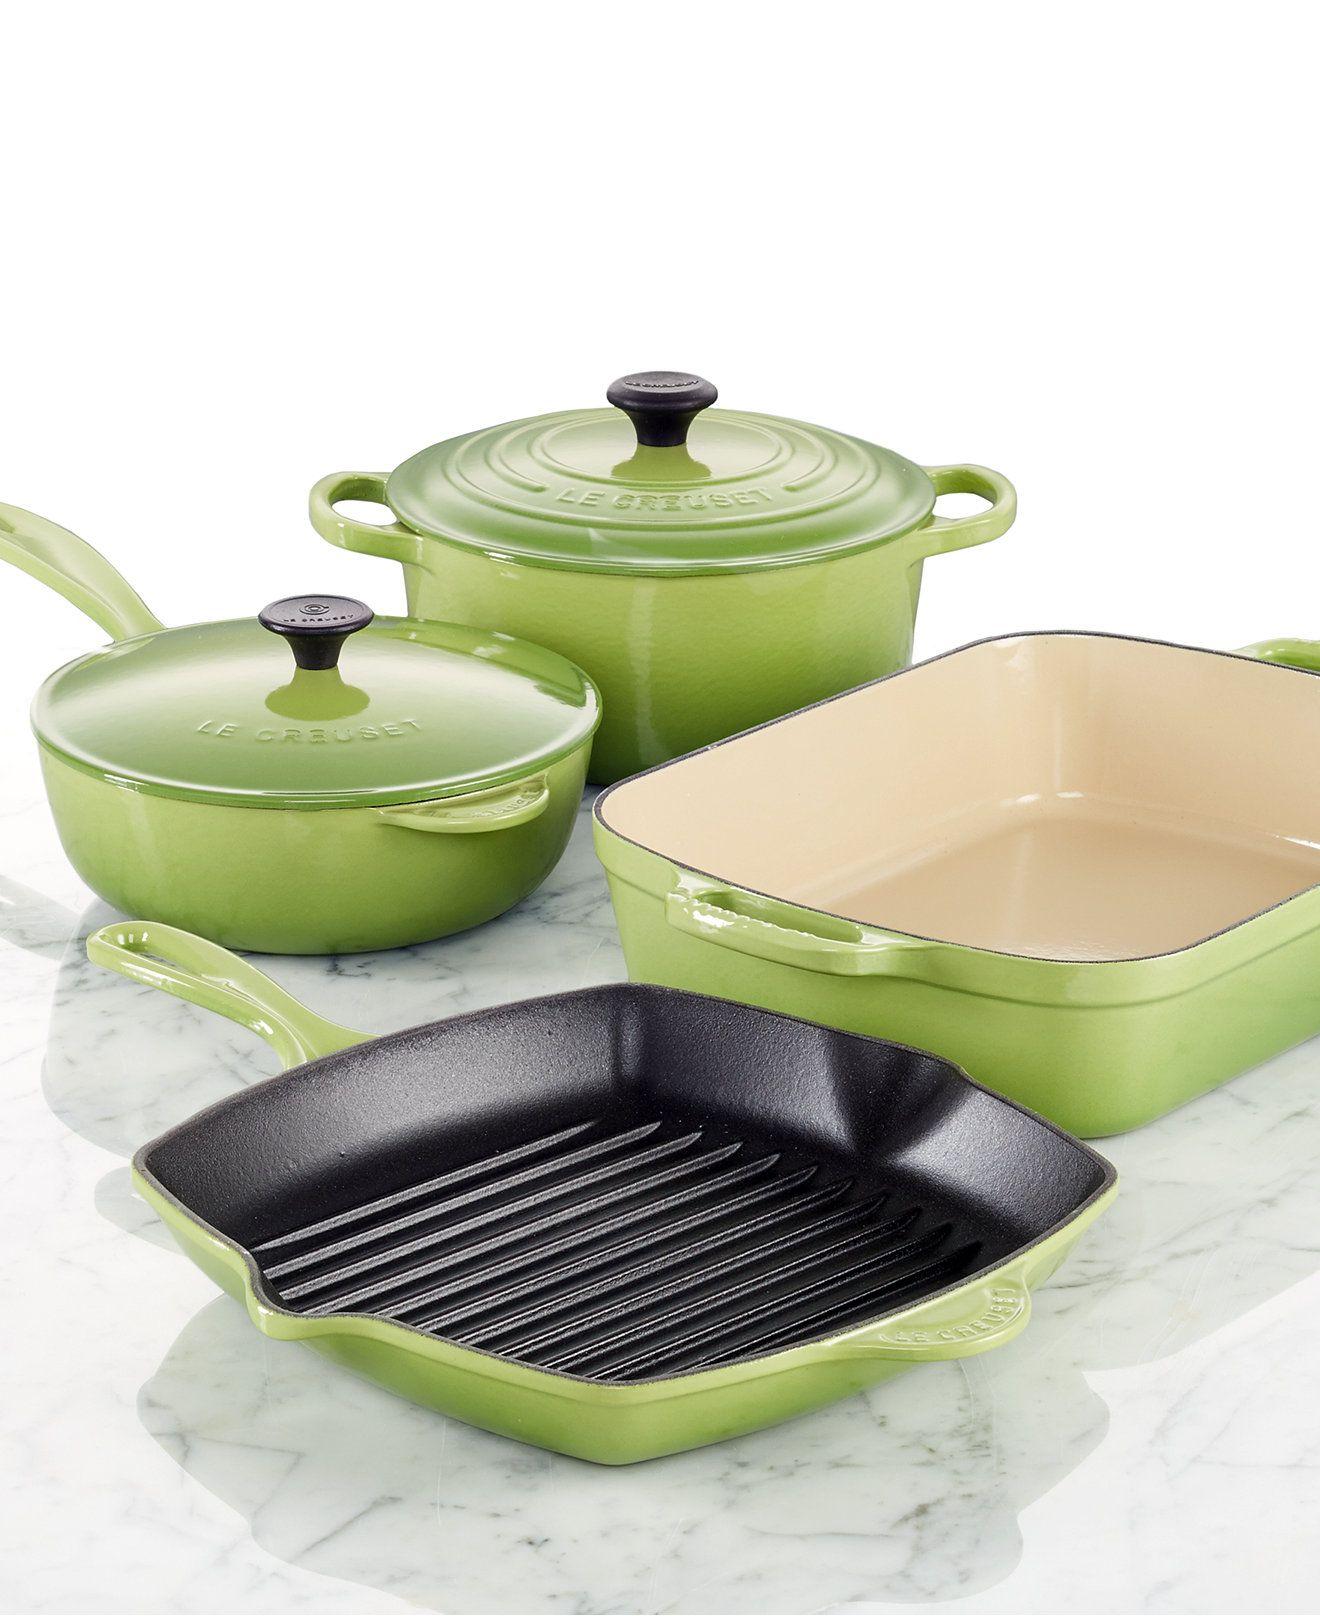 Le Creuset Cast Iron 6 Piece Cookware Set Cookware Sets Kitchen Macy S Elegant Cookware Cookware Set Cast Iron Cookware Set